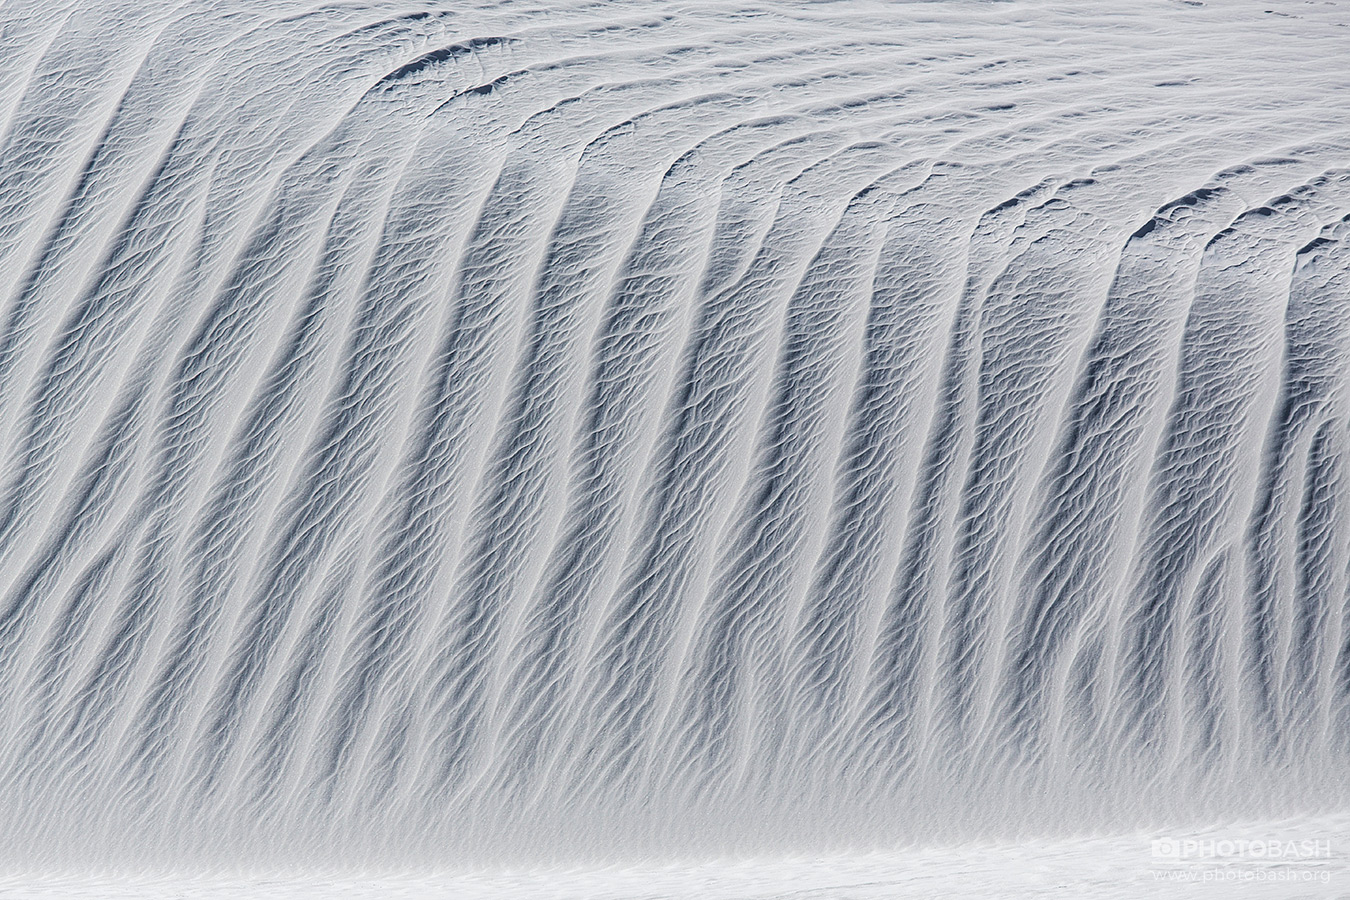 White-Desert-Sand-Patterns-Texture.jpg